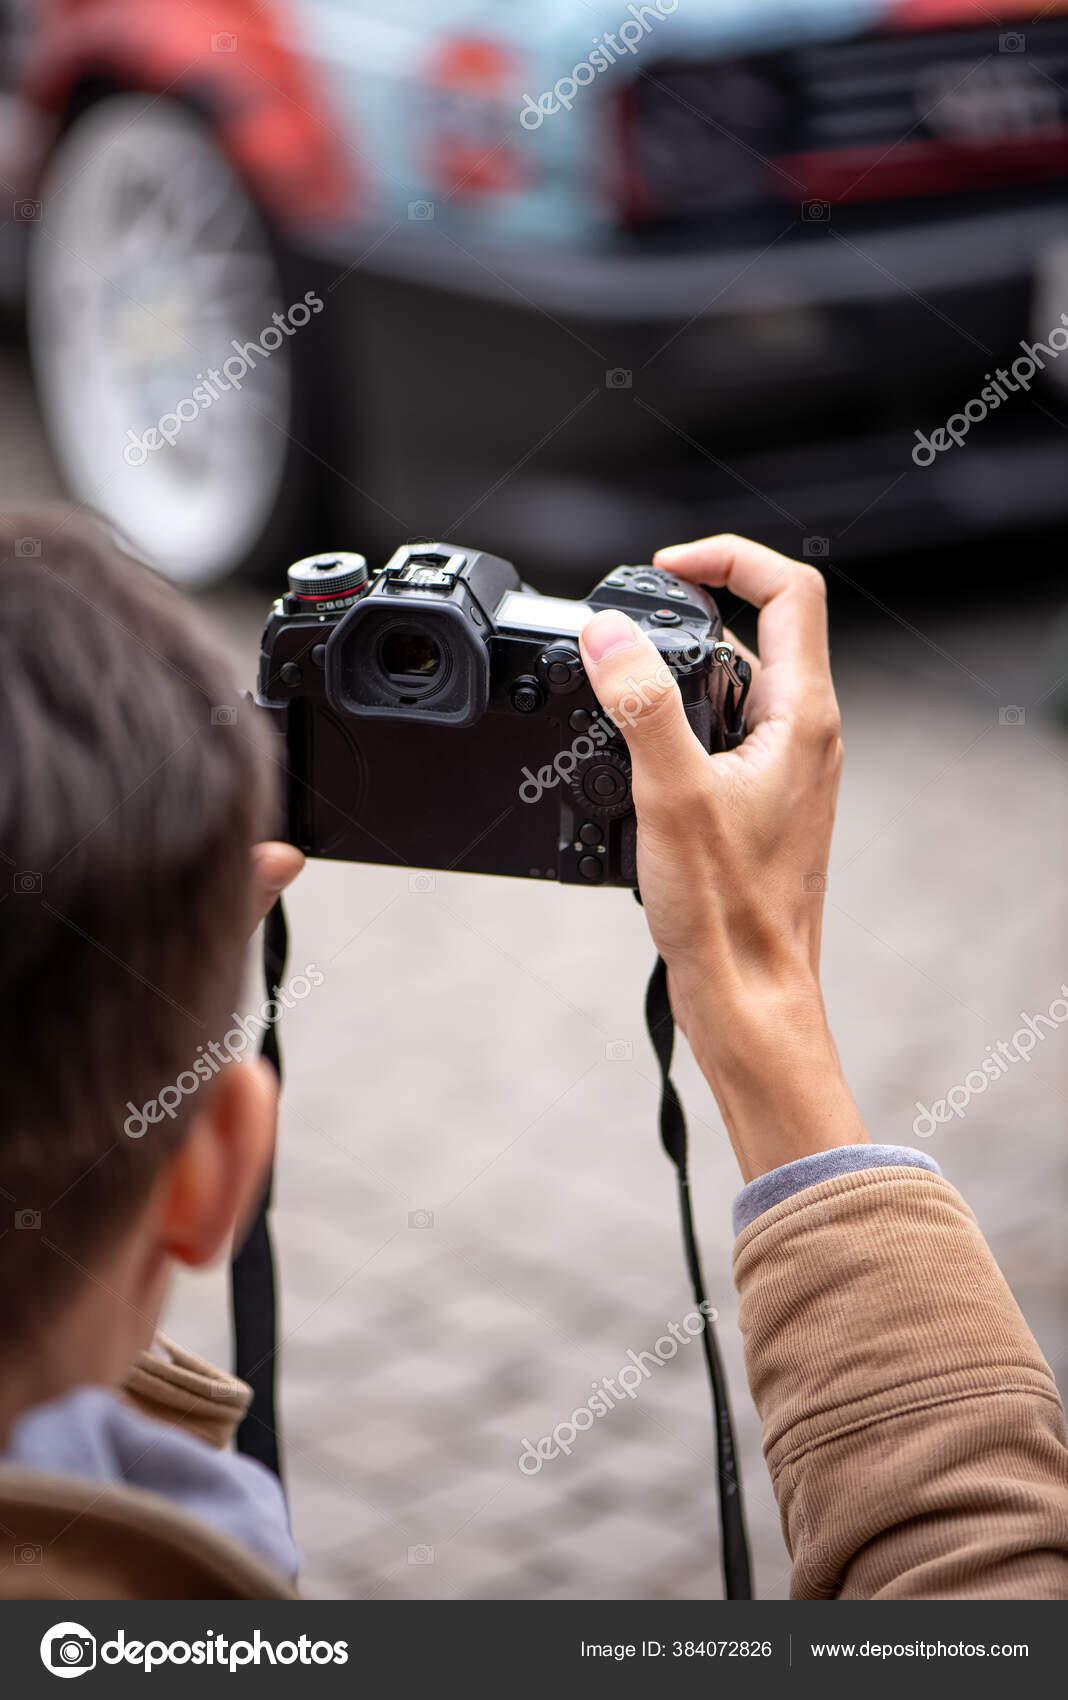 растение как фотографироваться в машине при движении качестве замены виновным